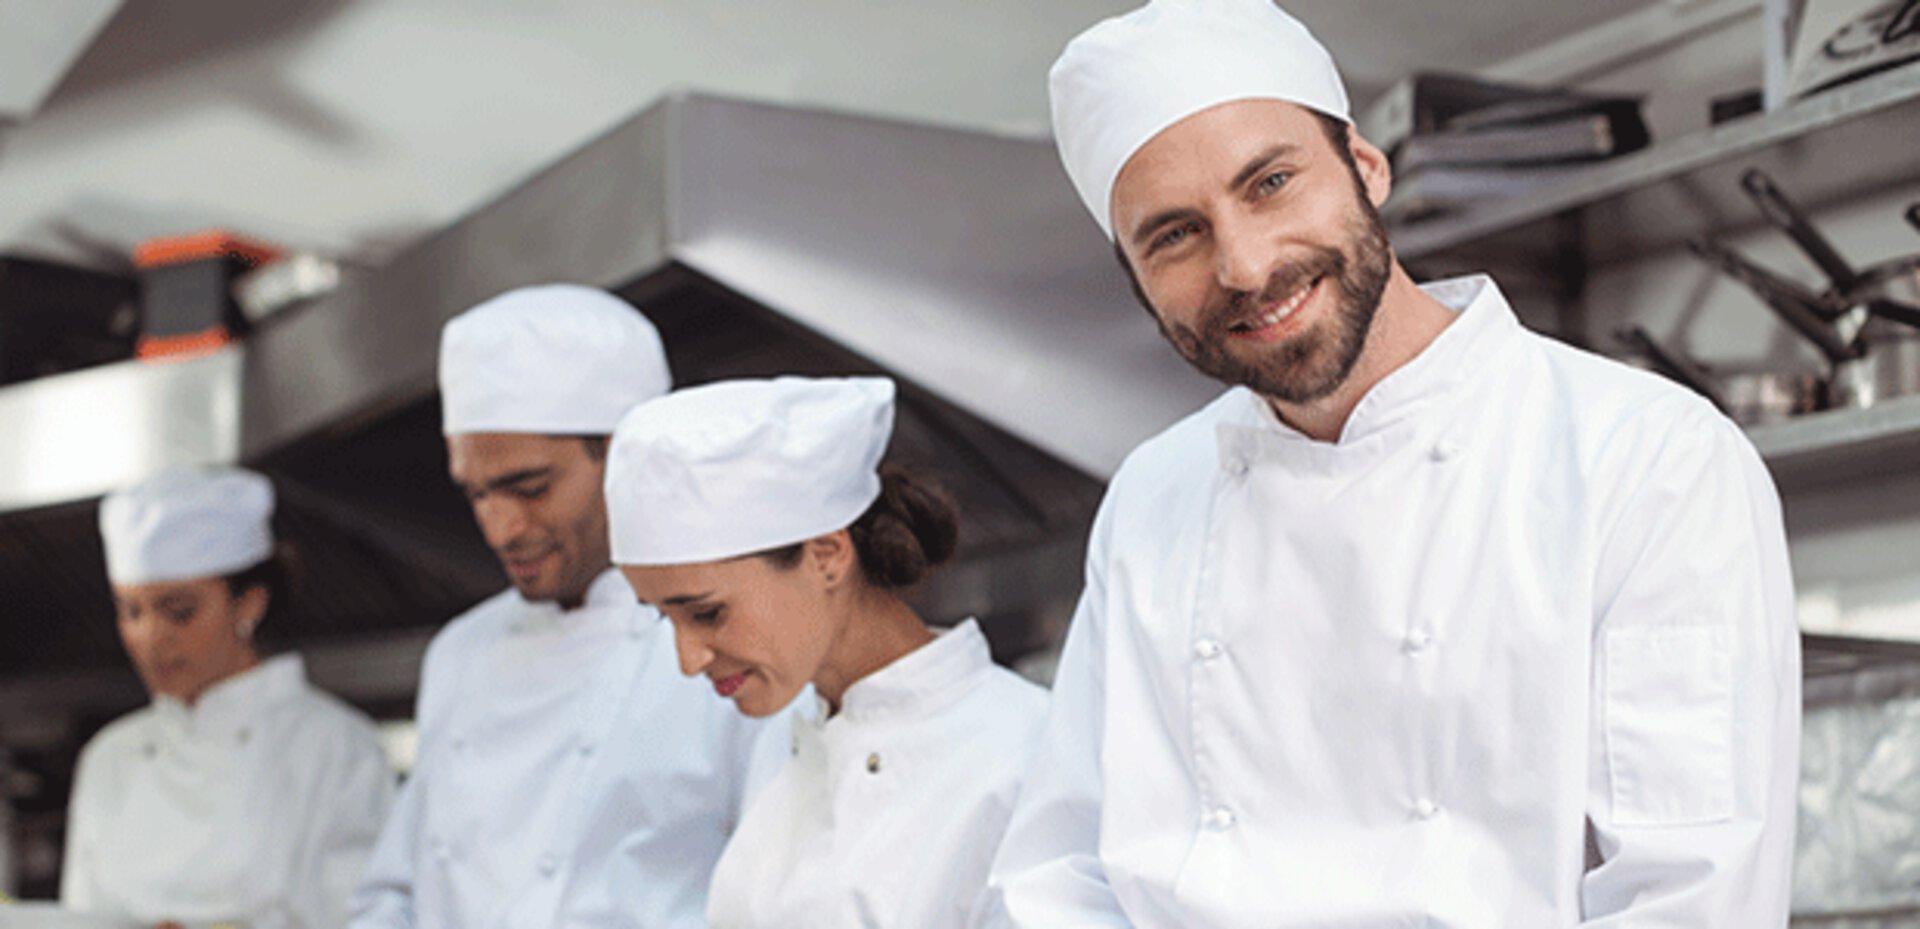 Ausbildung als Koch bei Möbel Inhofer